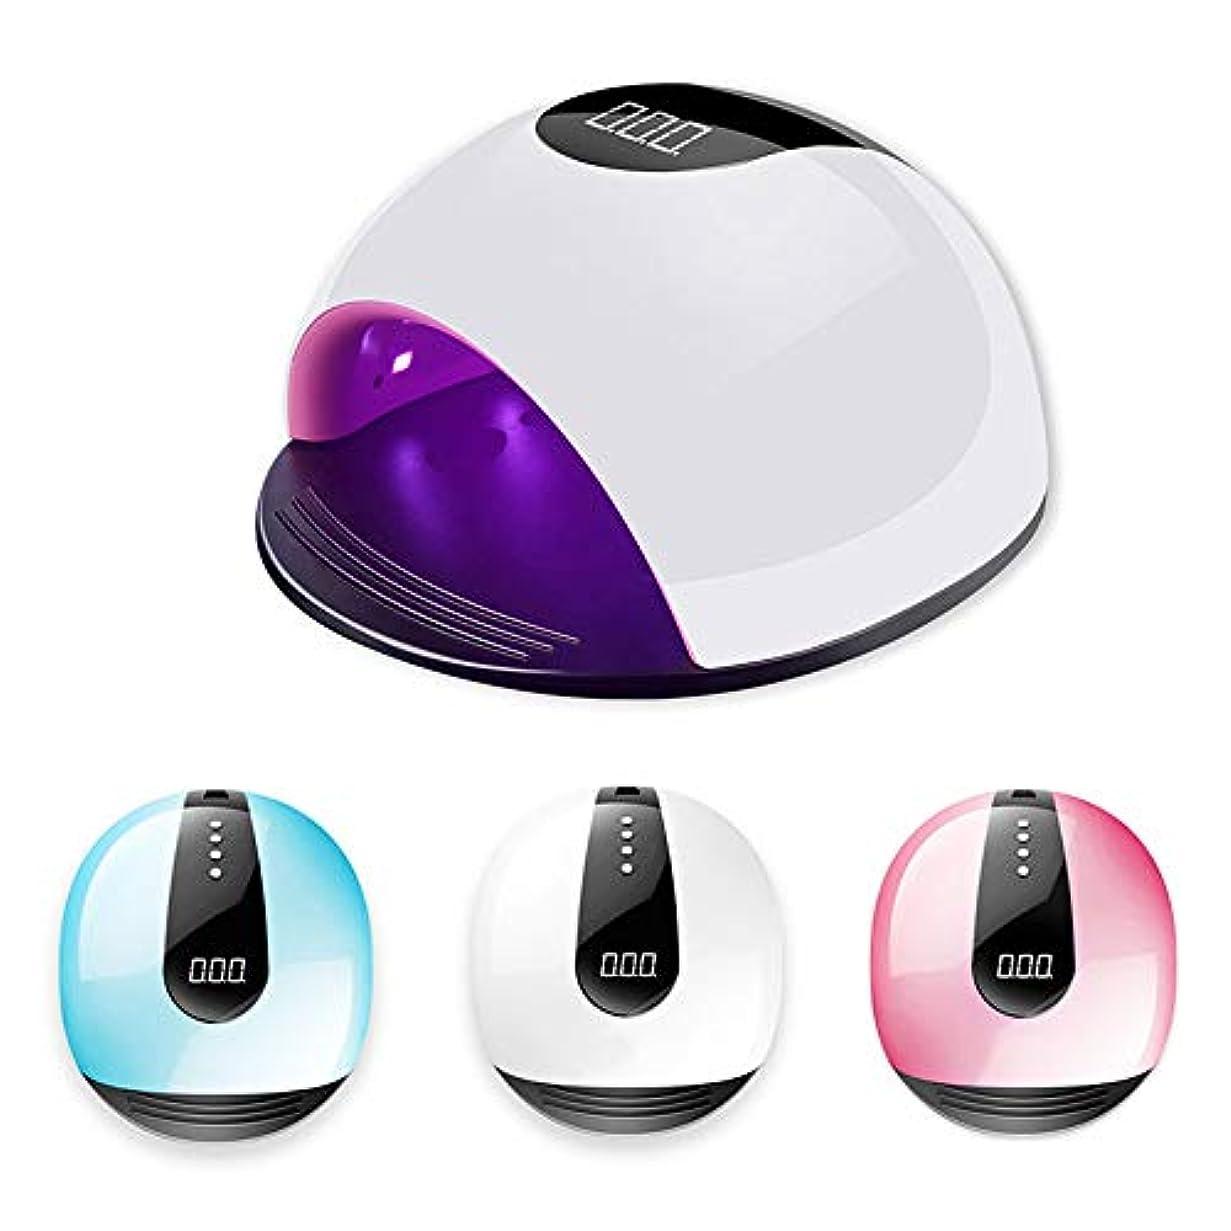 素朴なスポットチャネルLED UVネイルライト、スタイリッシュな美容照明付きネイルドライヤー、硬化ジェルネイルポリッシュとネイルポリッシュ用センサー/タイマー設定、ネイル研磨機器,白